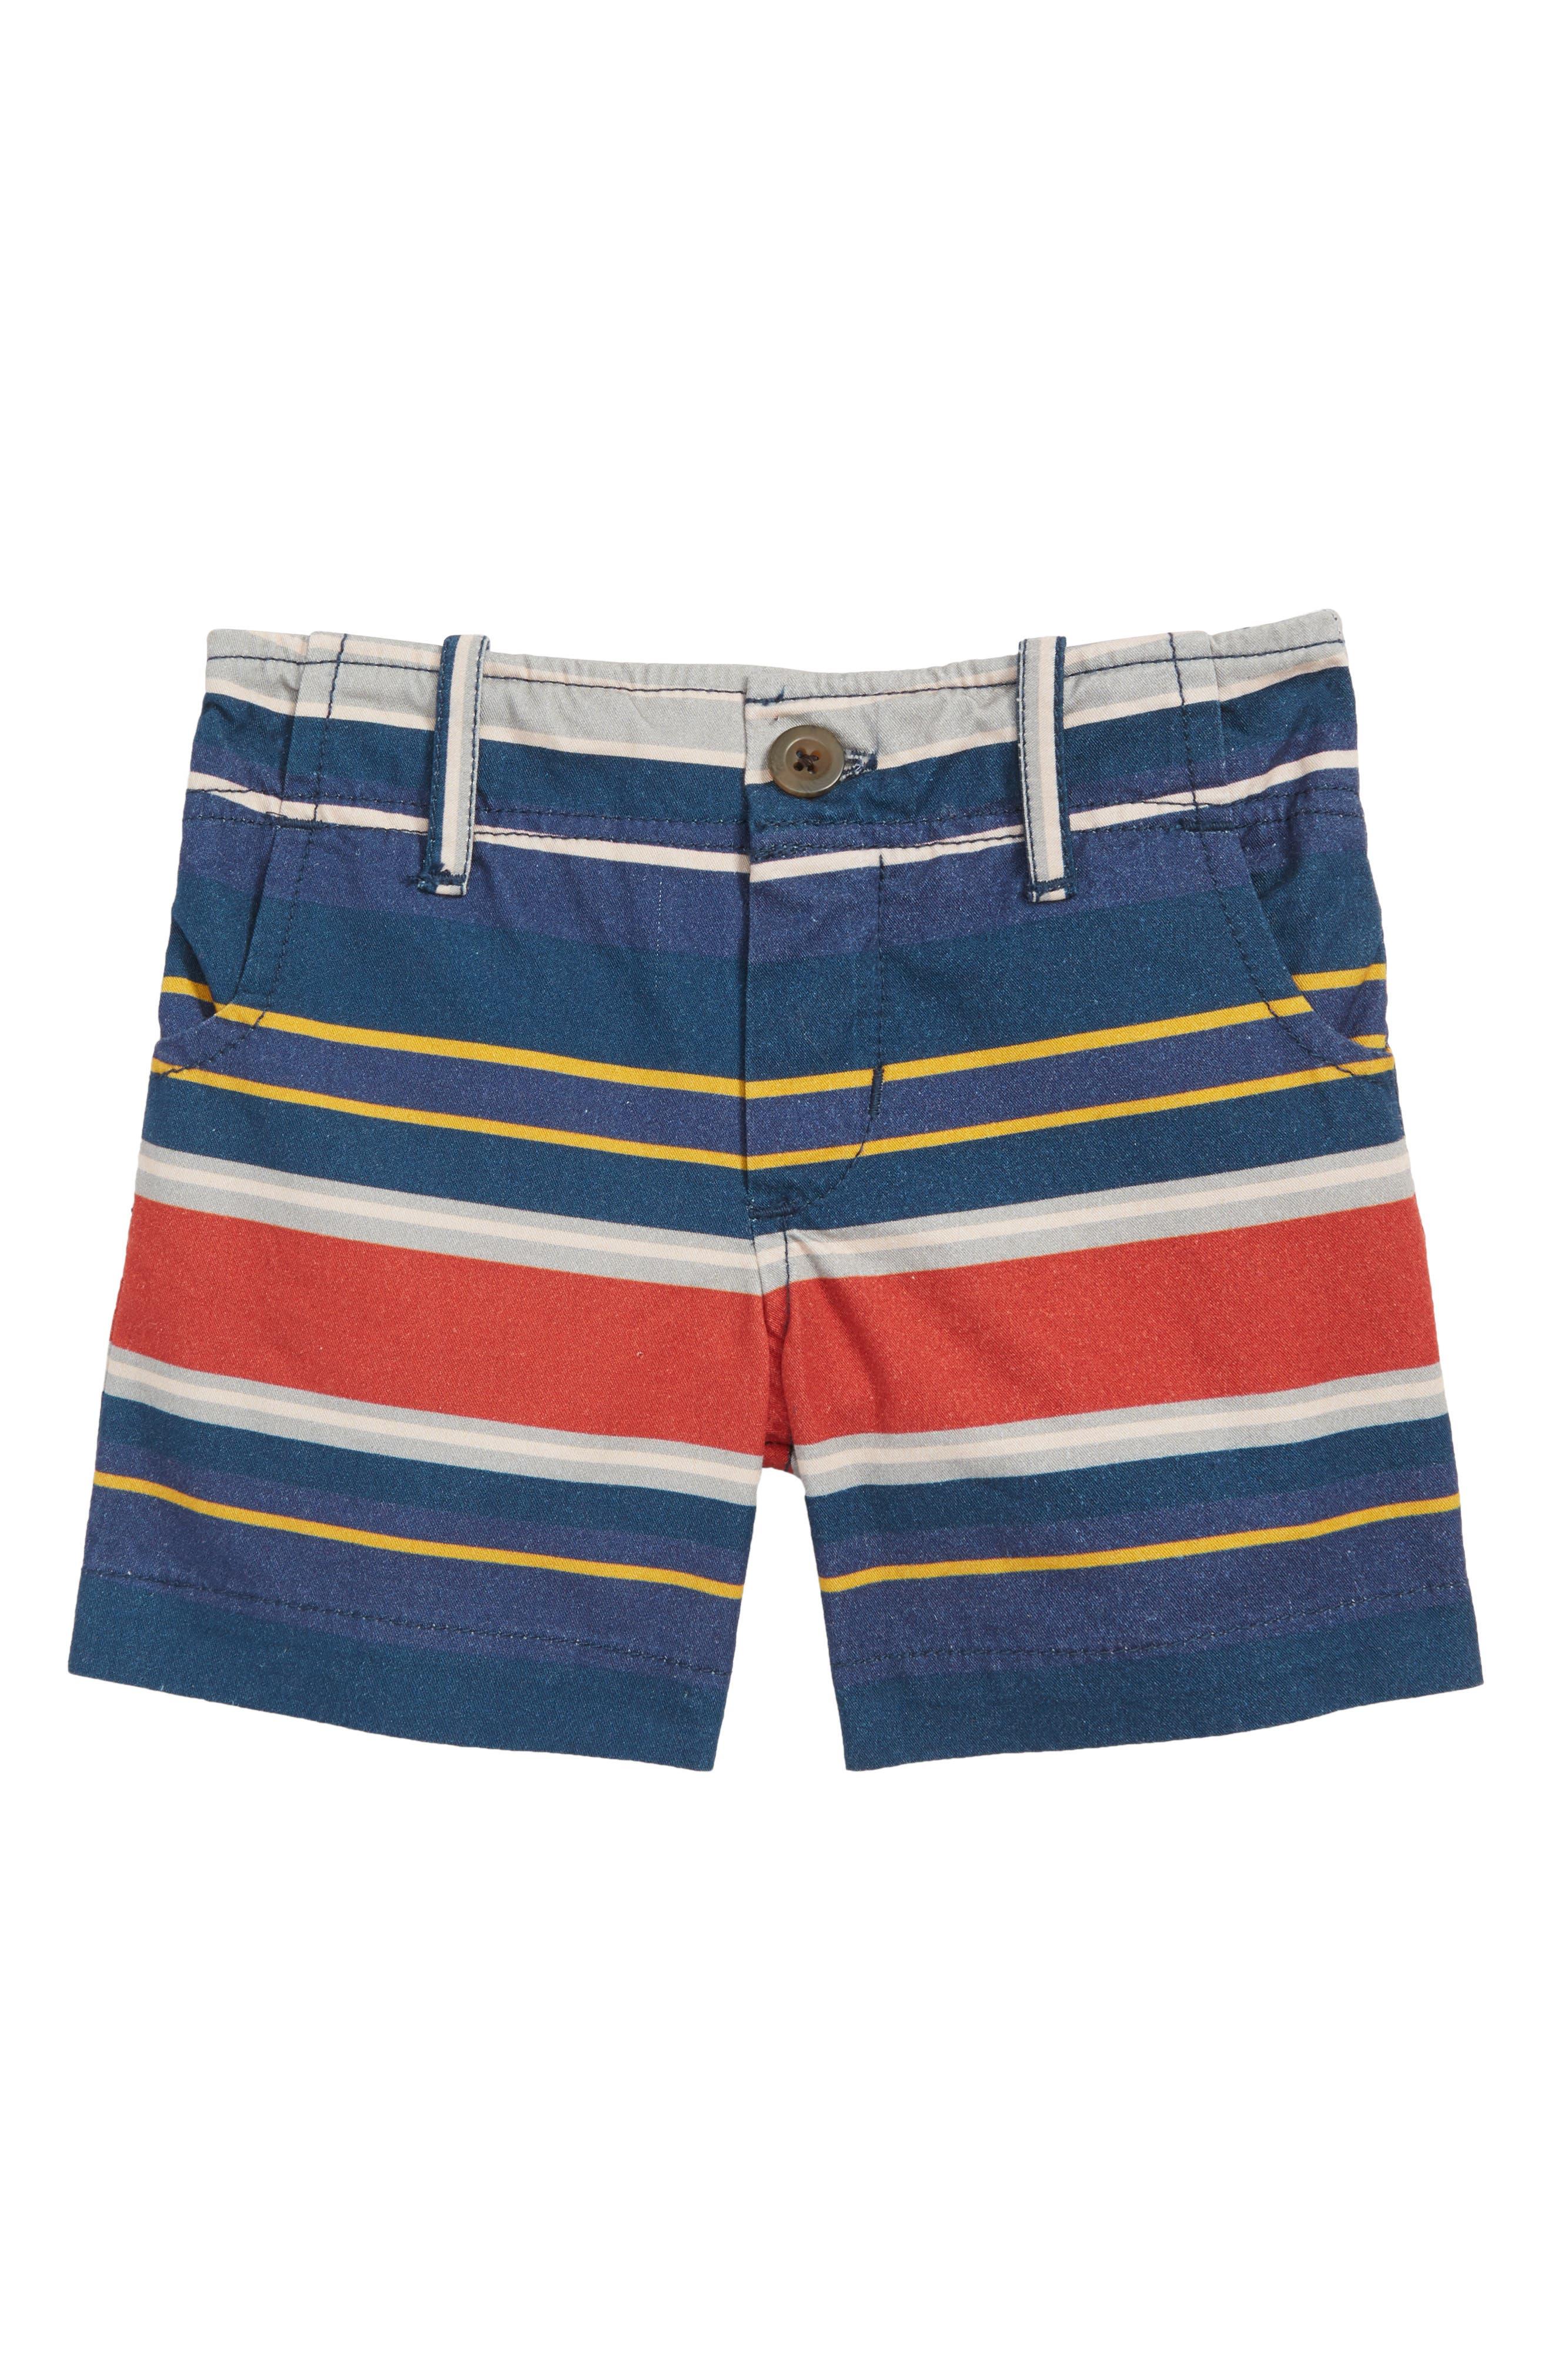 Peek Hudson Stripe Shorts,                             Main thumbnail 1, color,                             410